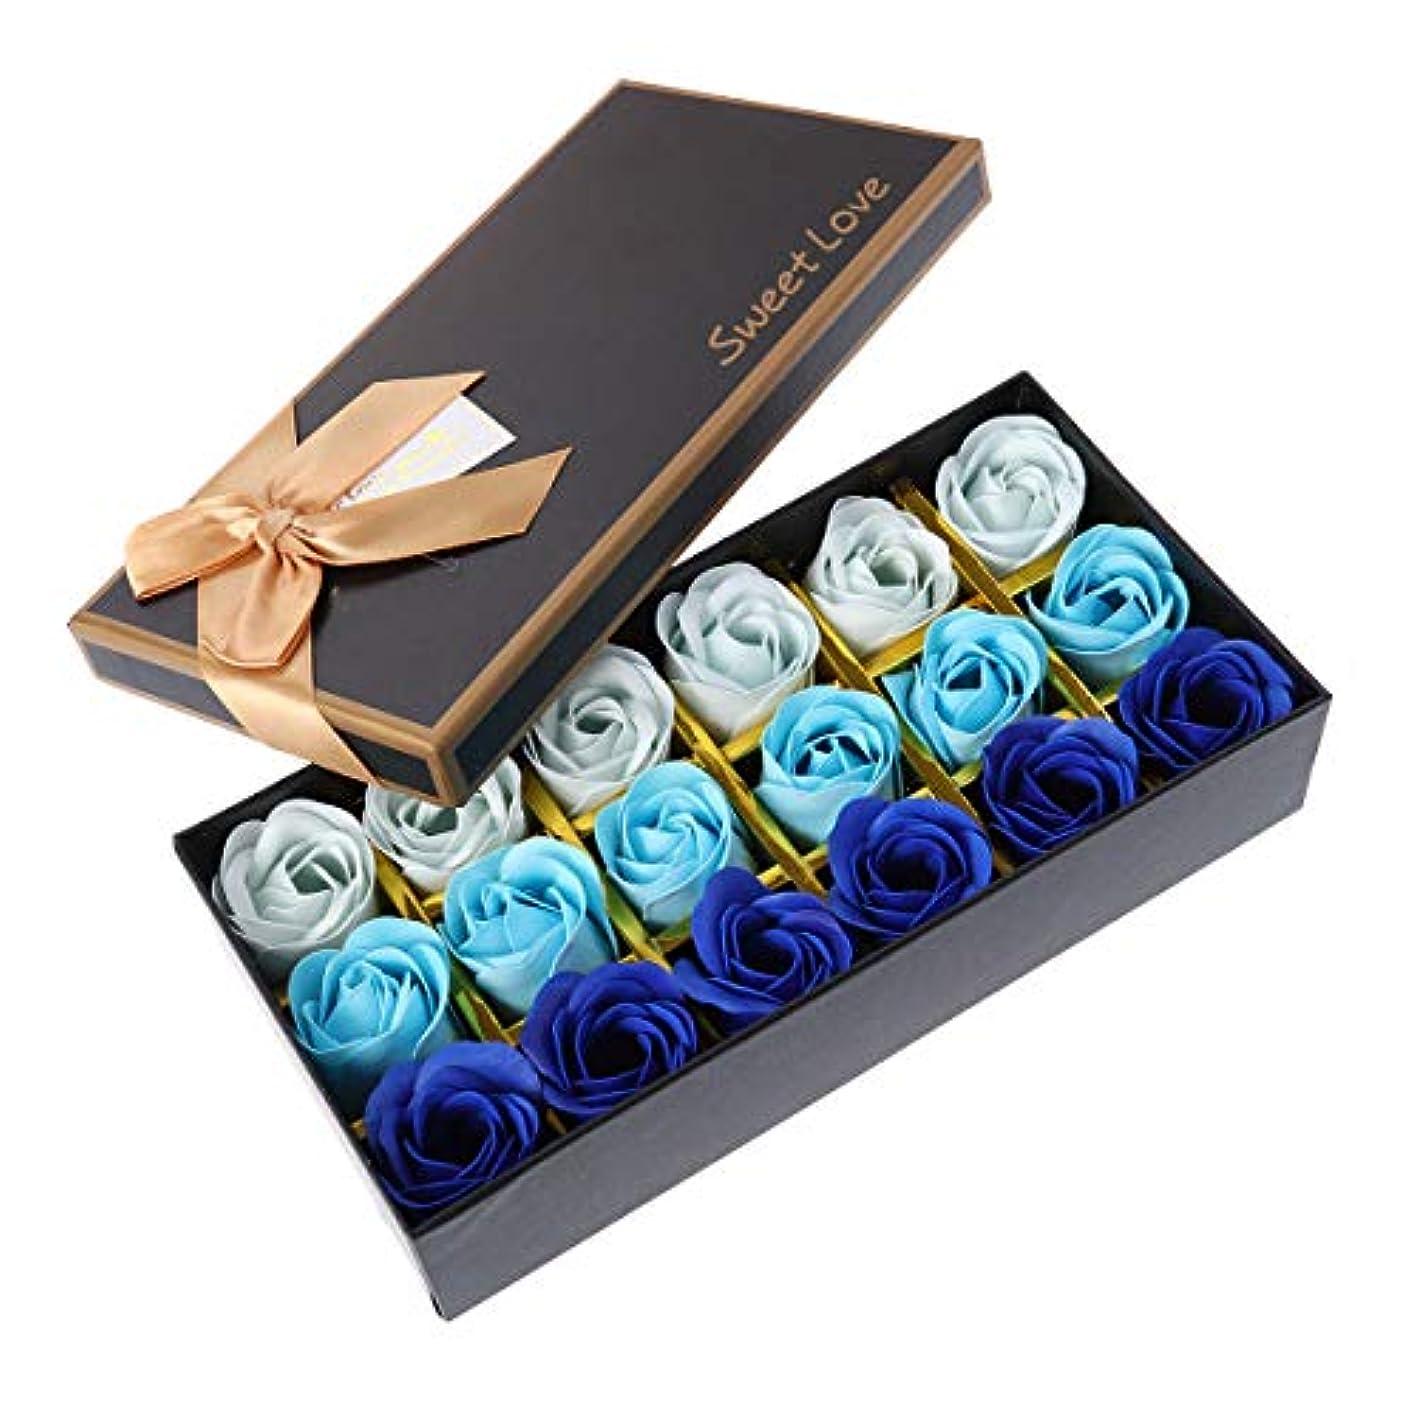 タイプ太平洋諸島受信Beaupretty バレンタインデーの結婚式の誕生日プレゼントのための小さなクマとバラの石鹸の花